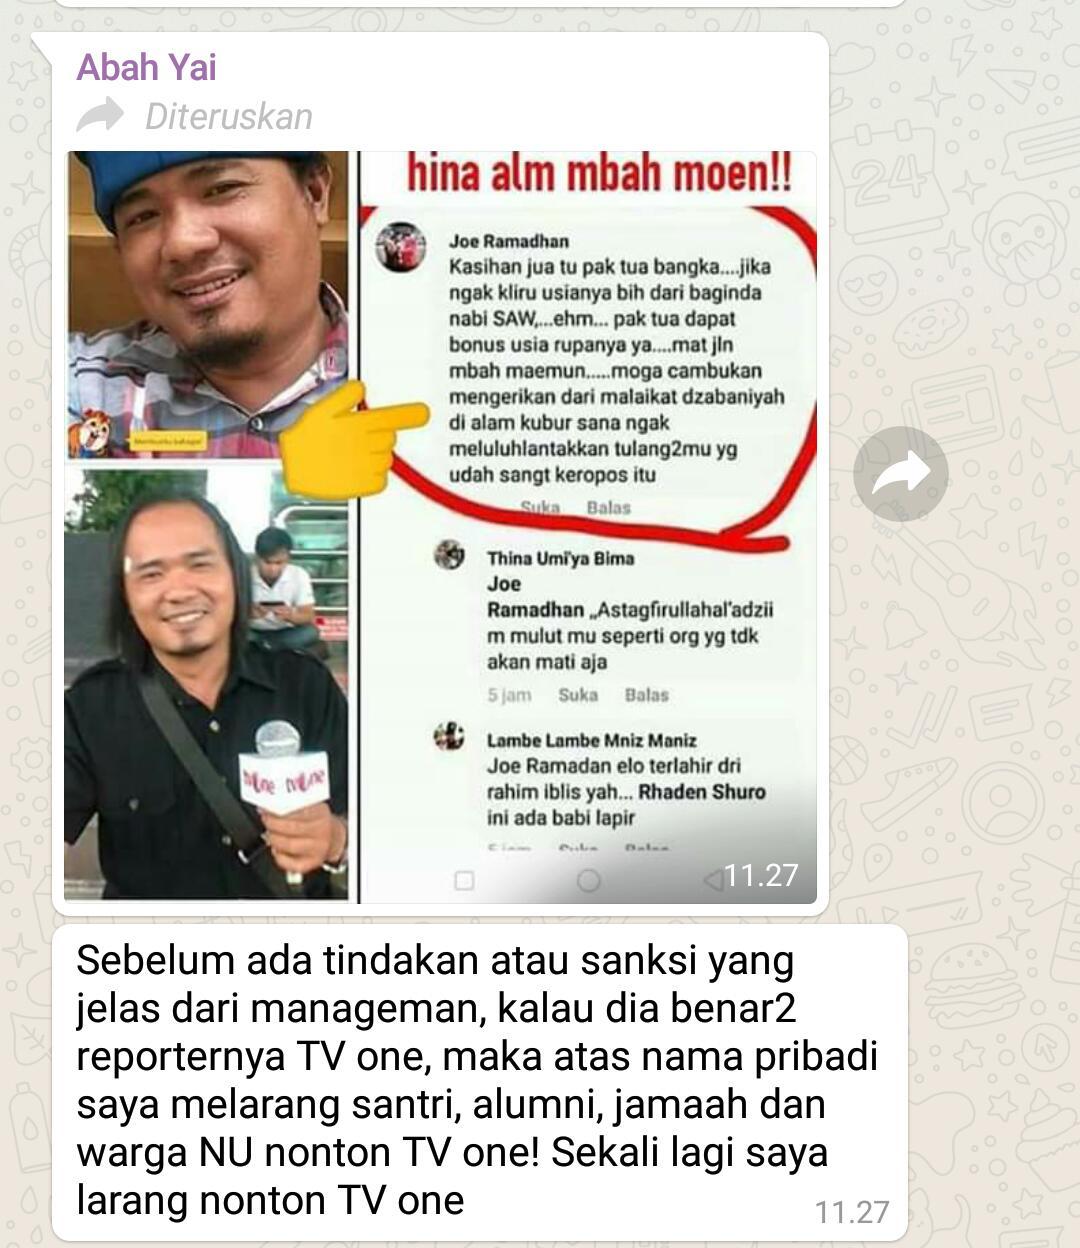 Screenshot postingan dan foto Joe yang menghina almarhum Mbah Moen di medsos FB.